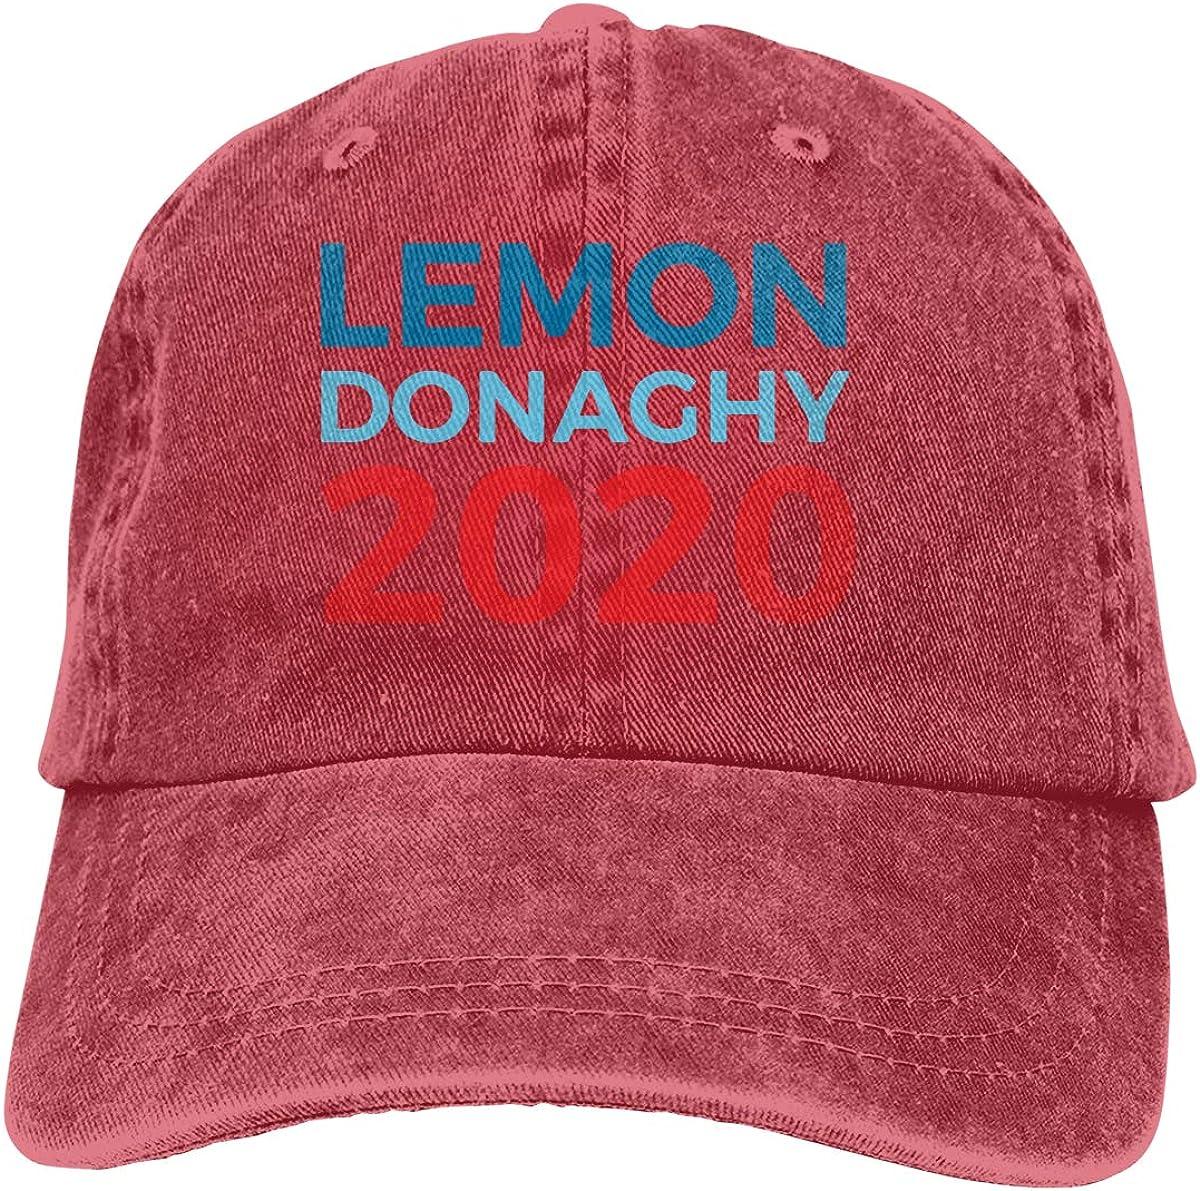 Q64 2020 Election Unisex Adult Cowboy Hat Hip Hop Cap Adjustable Truck Driver Hat